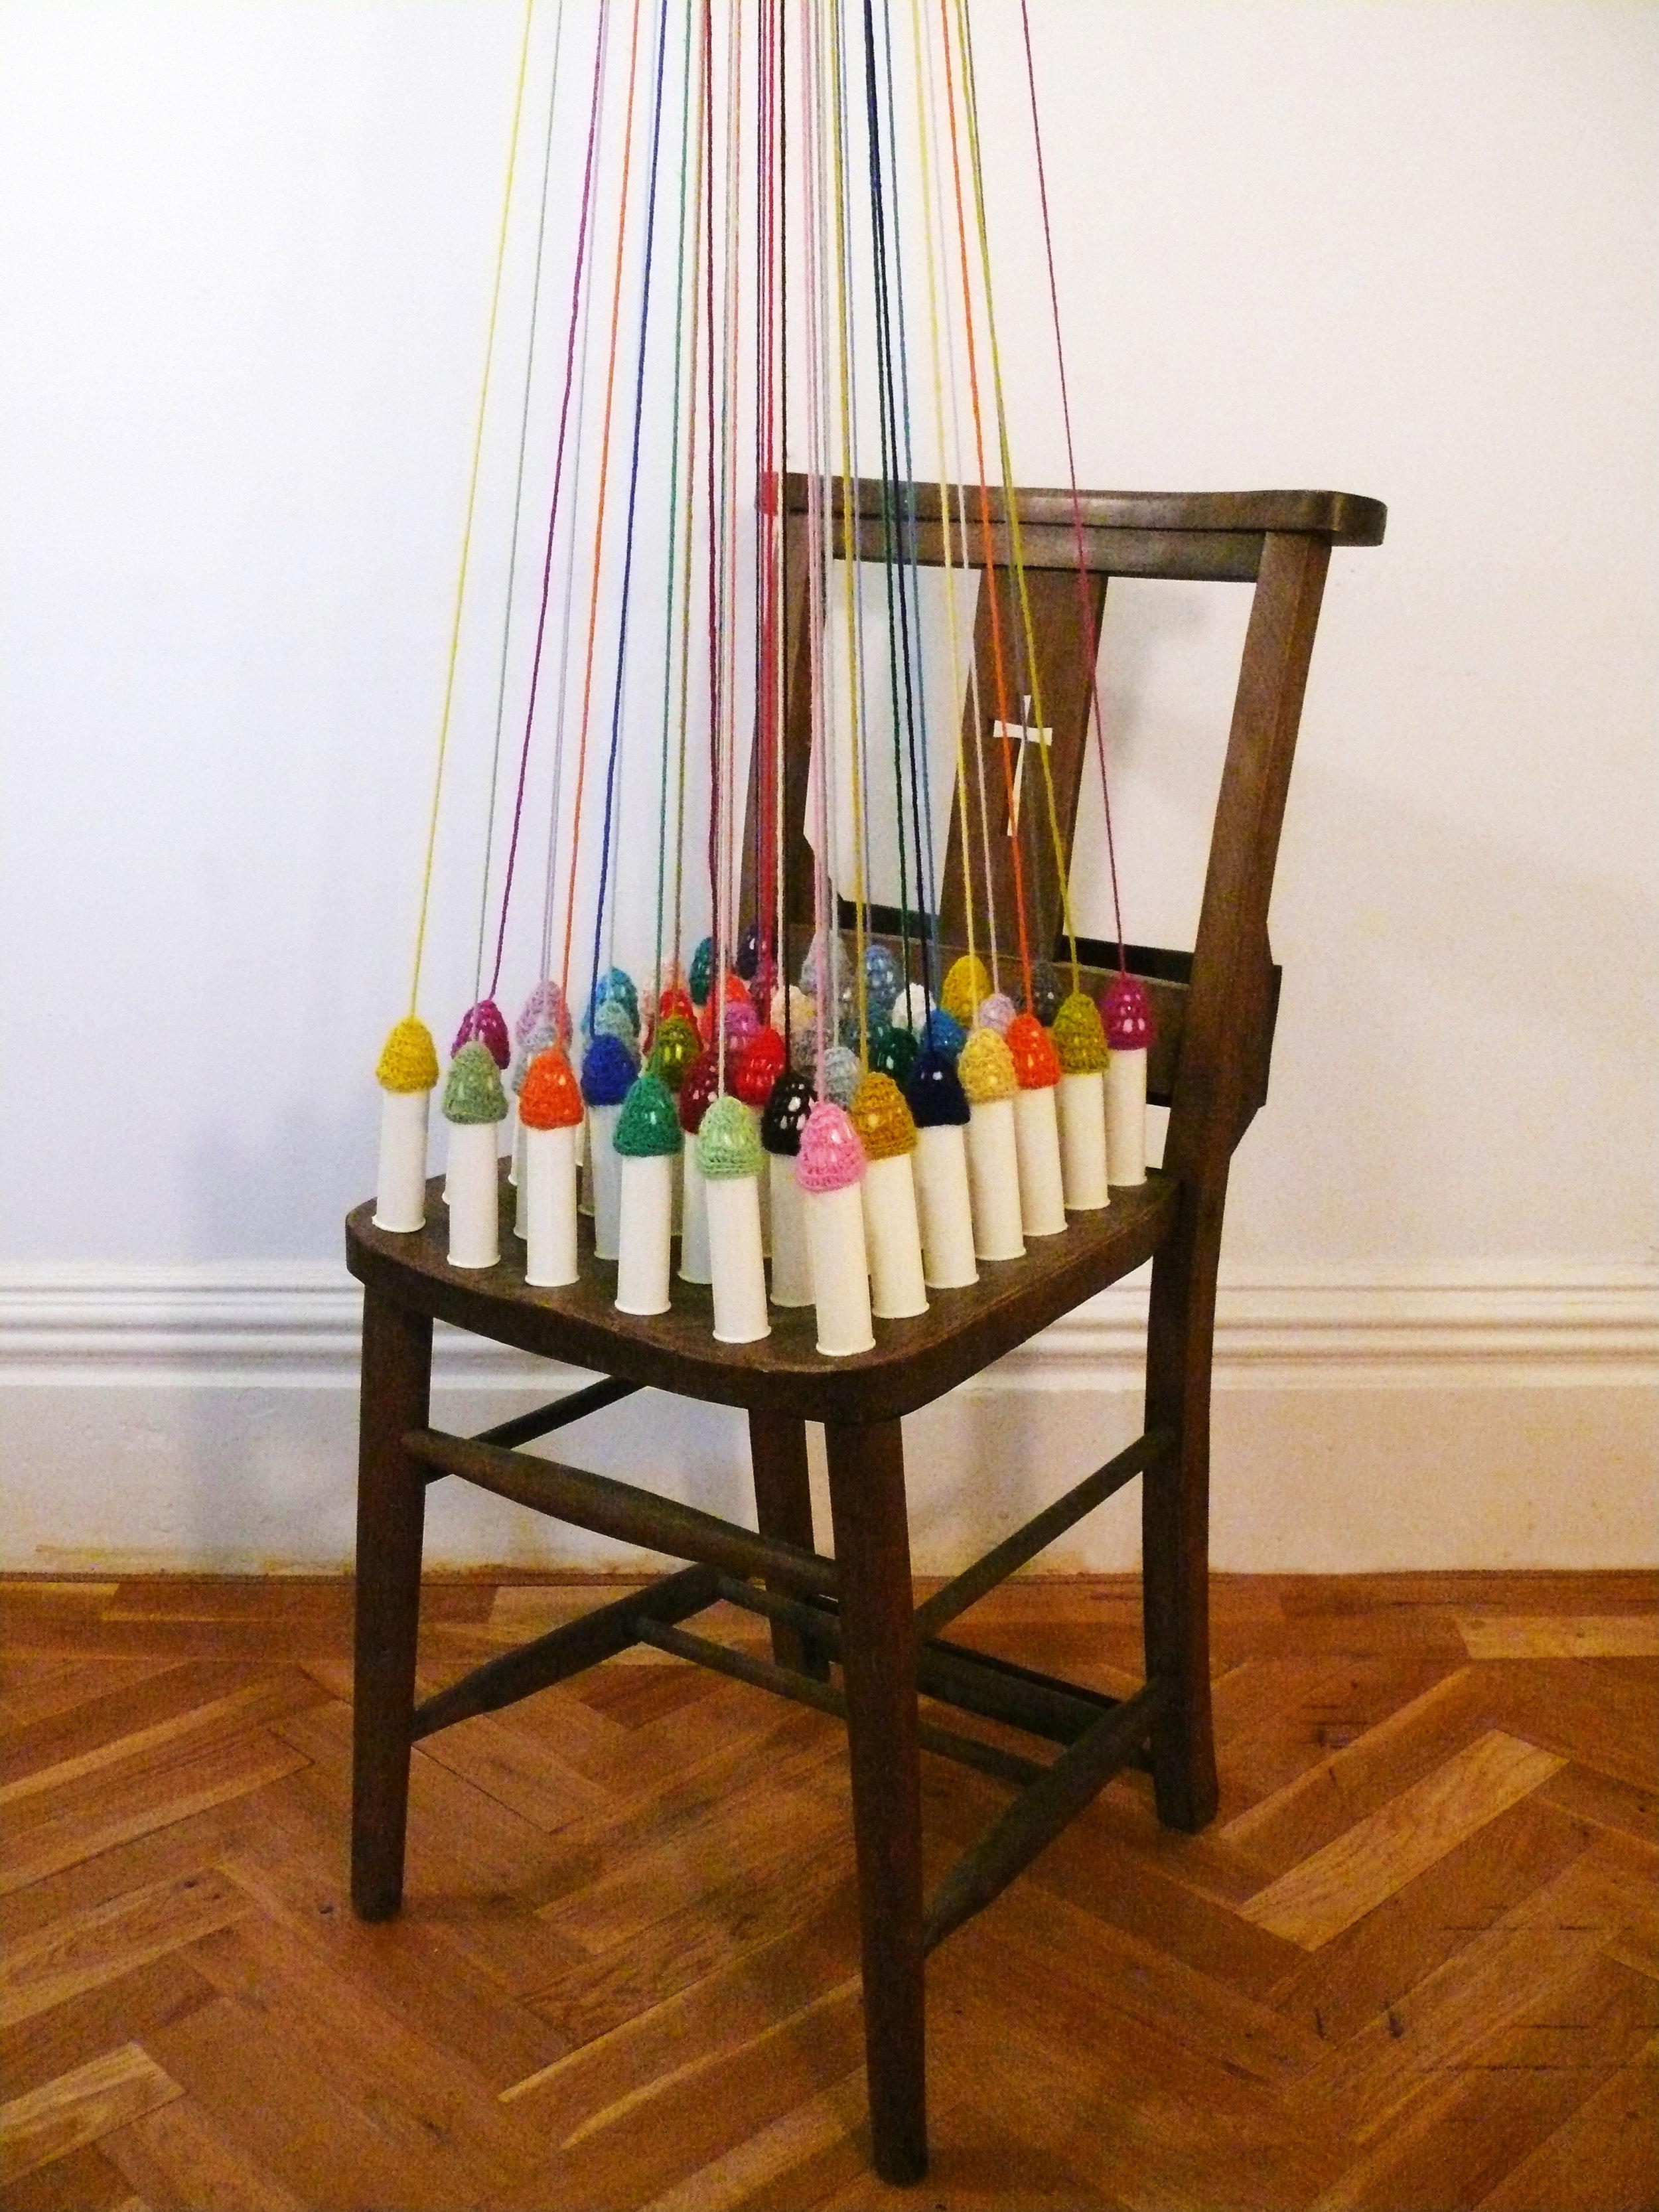 The Celestial Chair